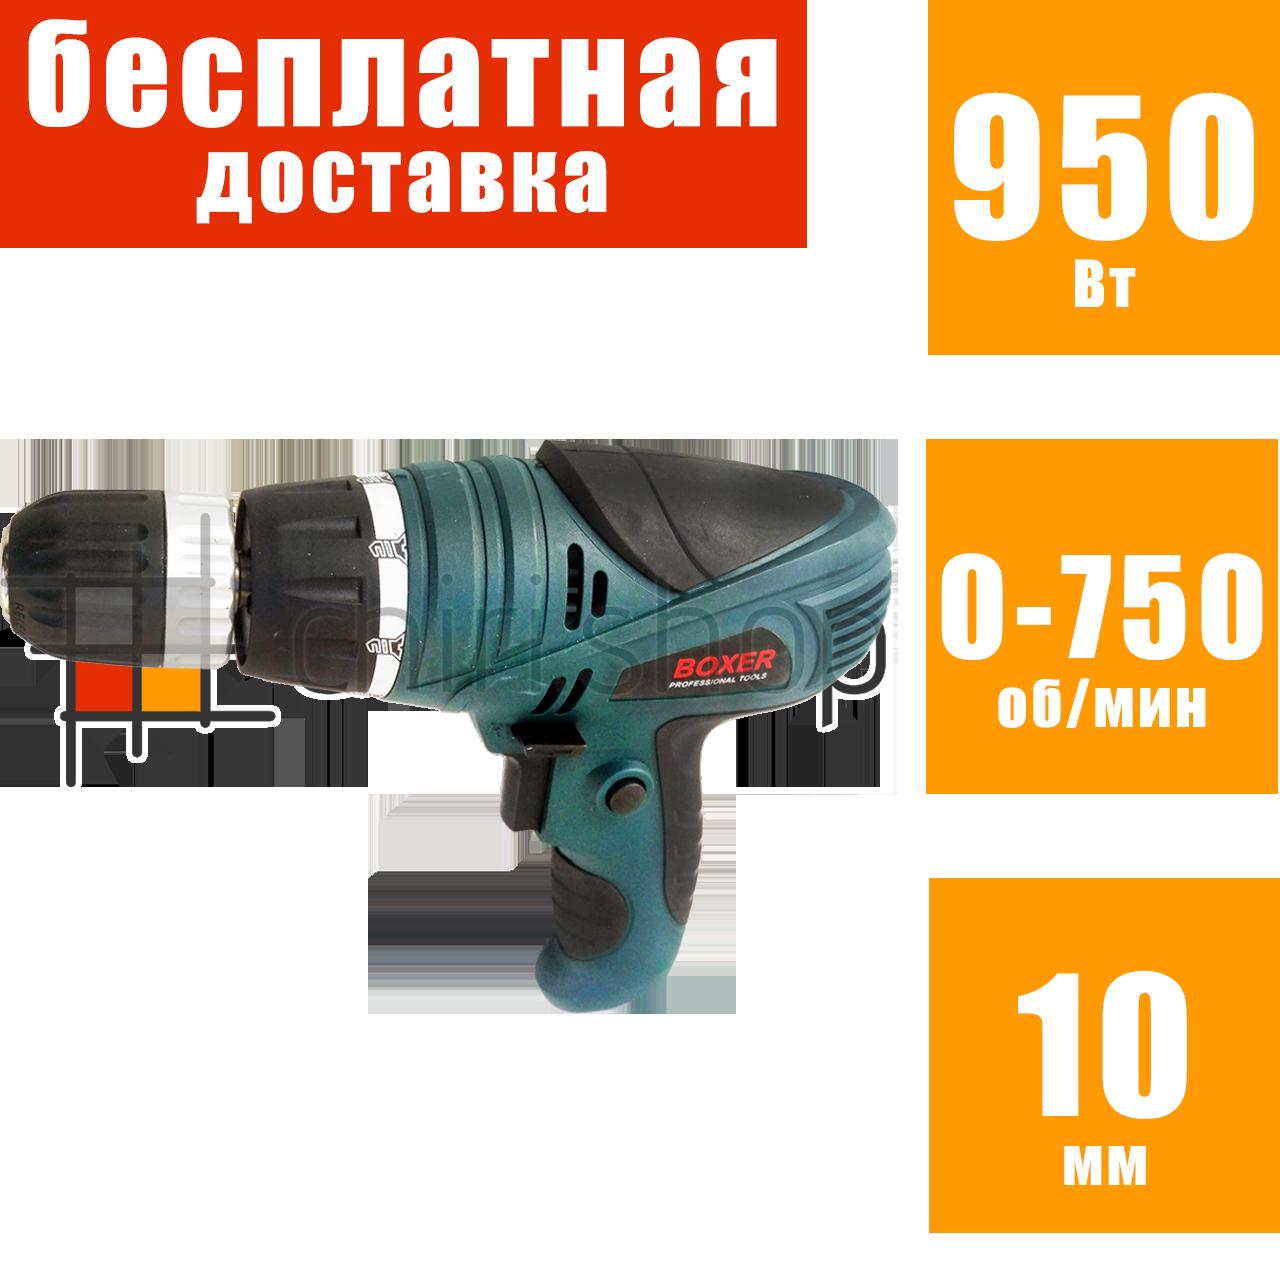 Сетевой шуруповерт Boxer BX-131, 950 Вт, регуляция 0-750 об, 10 мм, электрошуруповерт для дома